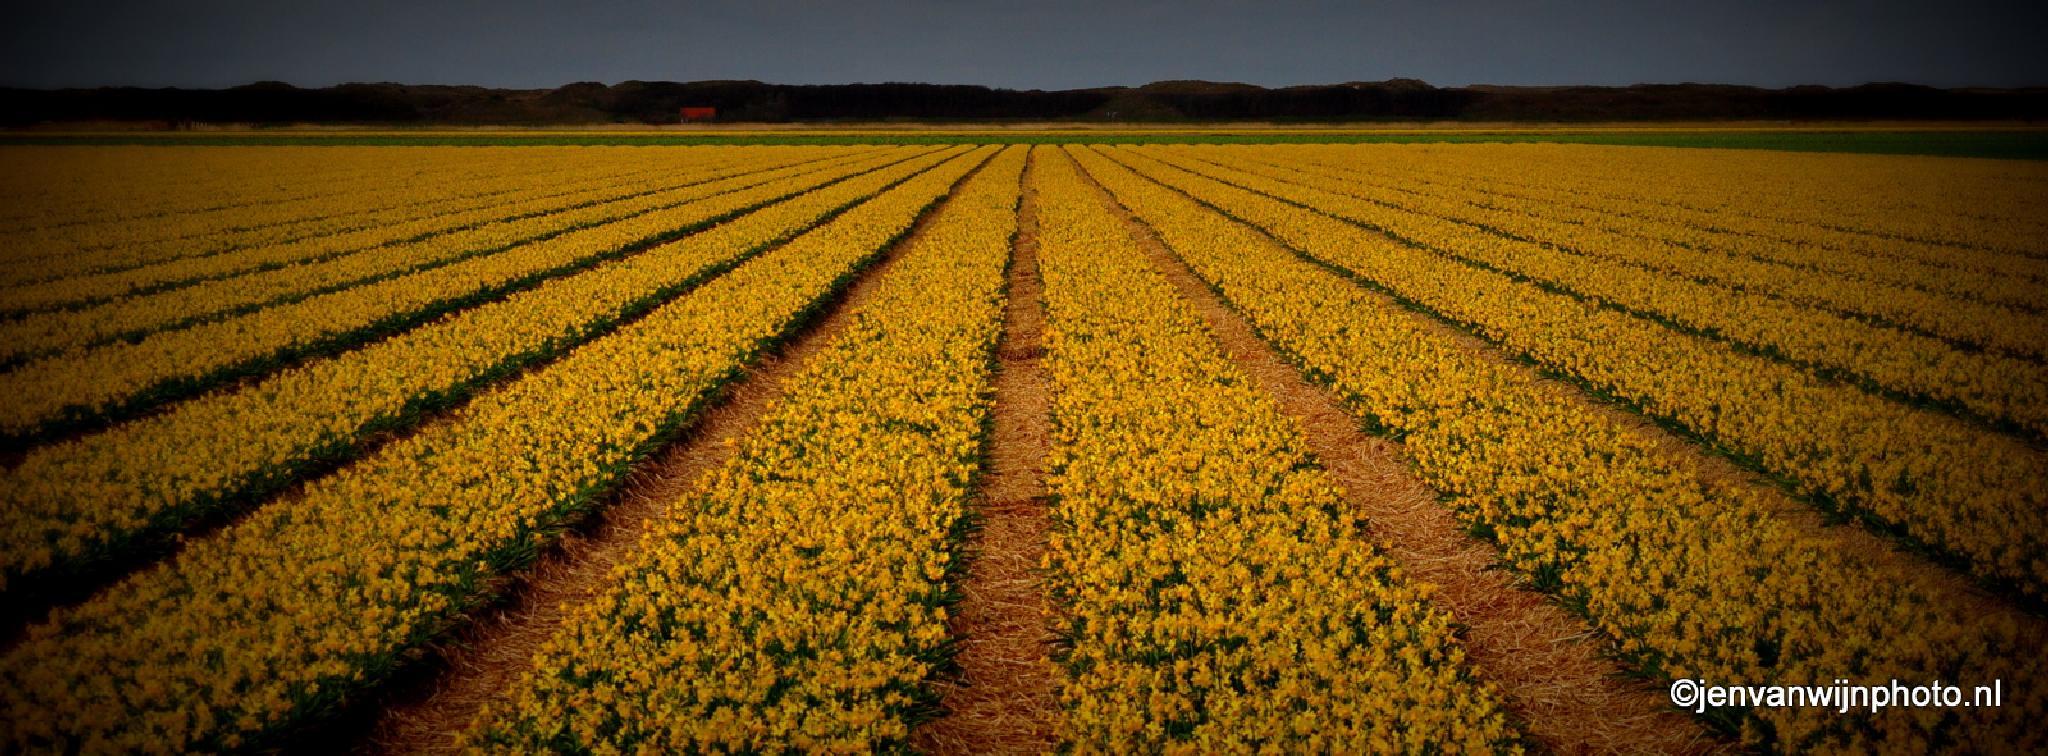 Dutch Flowers by Jen van Wijngaarden